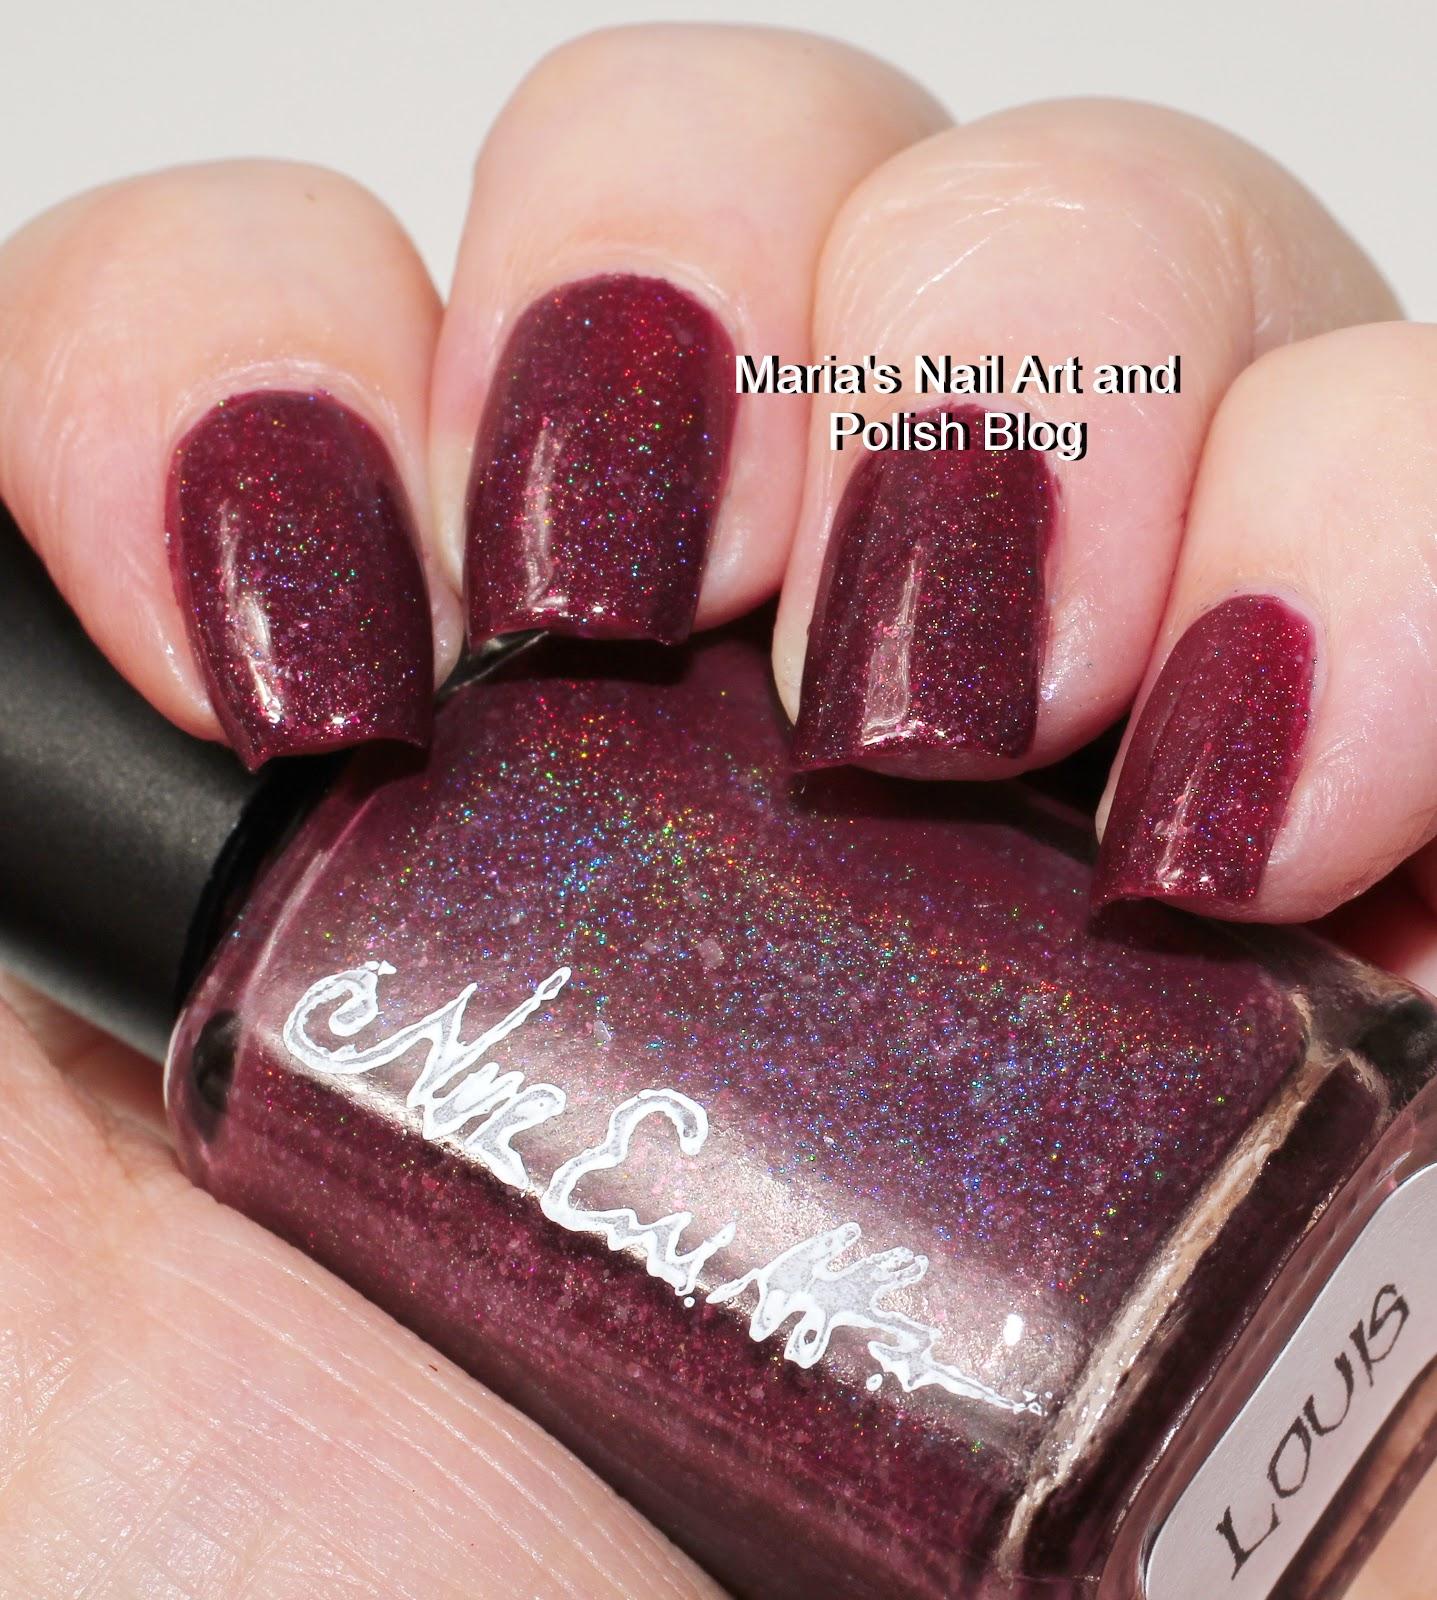 Marias Nail Art And Polish Blog Flushed With Stripes And: Marias Nail Art And Polish Blog: Nvr Enuff Polish Claudia